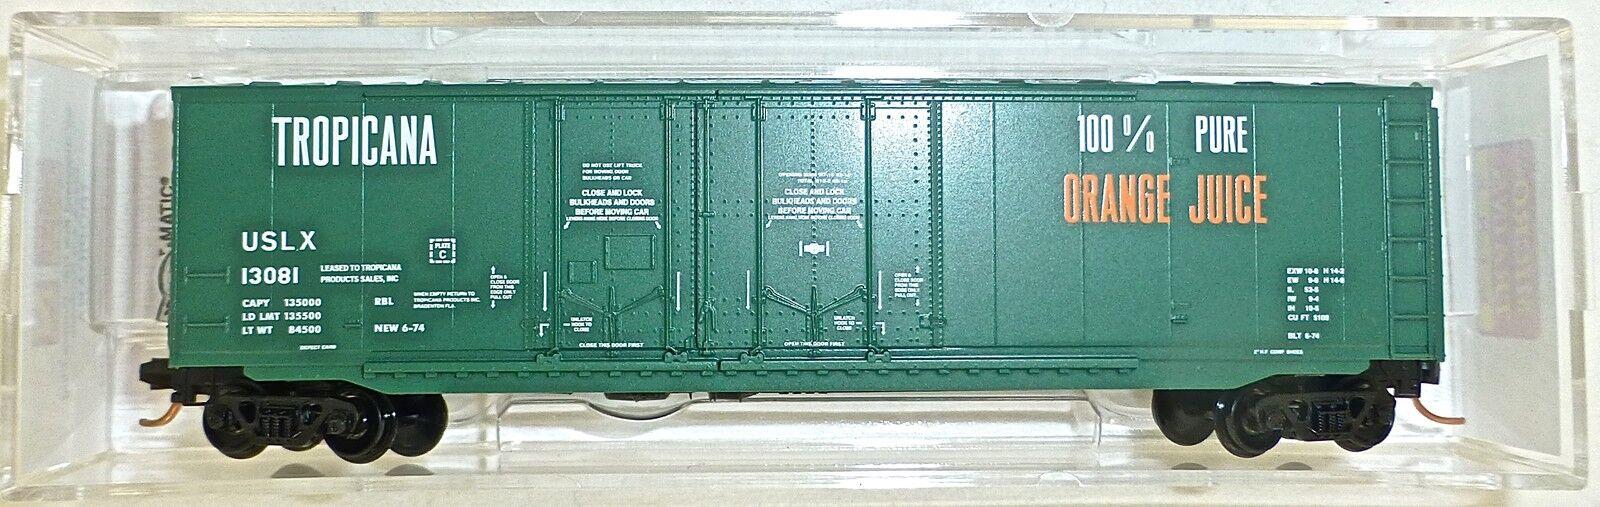 トロピカ50スタンダードボックスカーマイクロ列車075 00 040 N 1 : 160エンブレムHF 3?